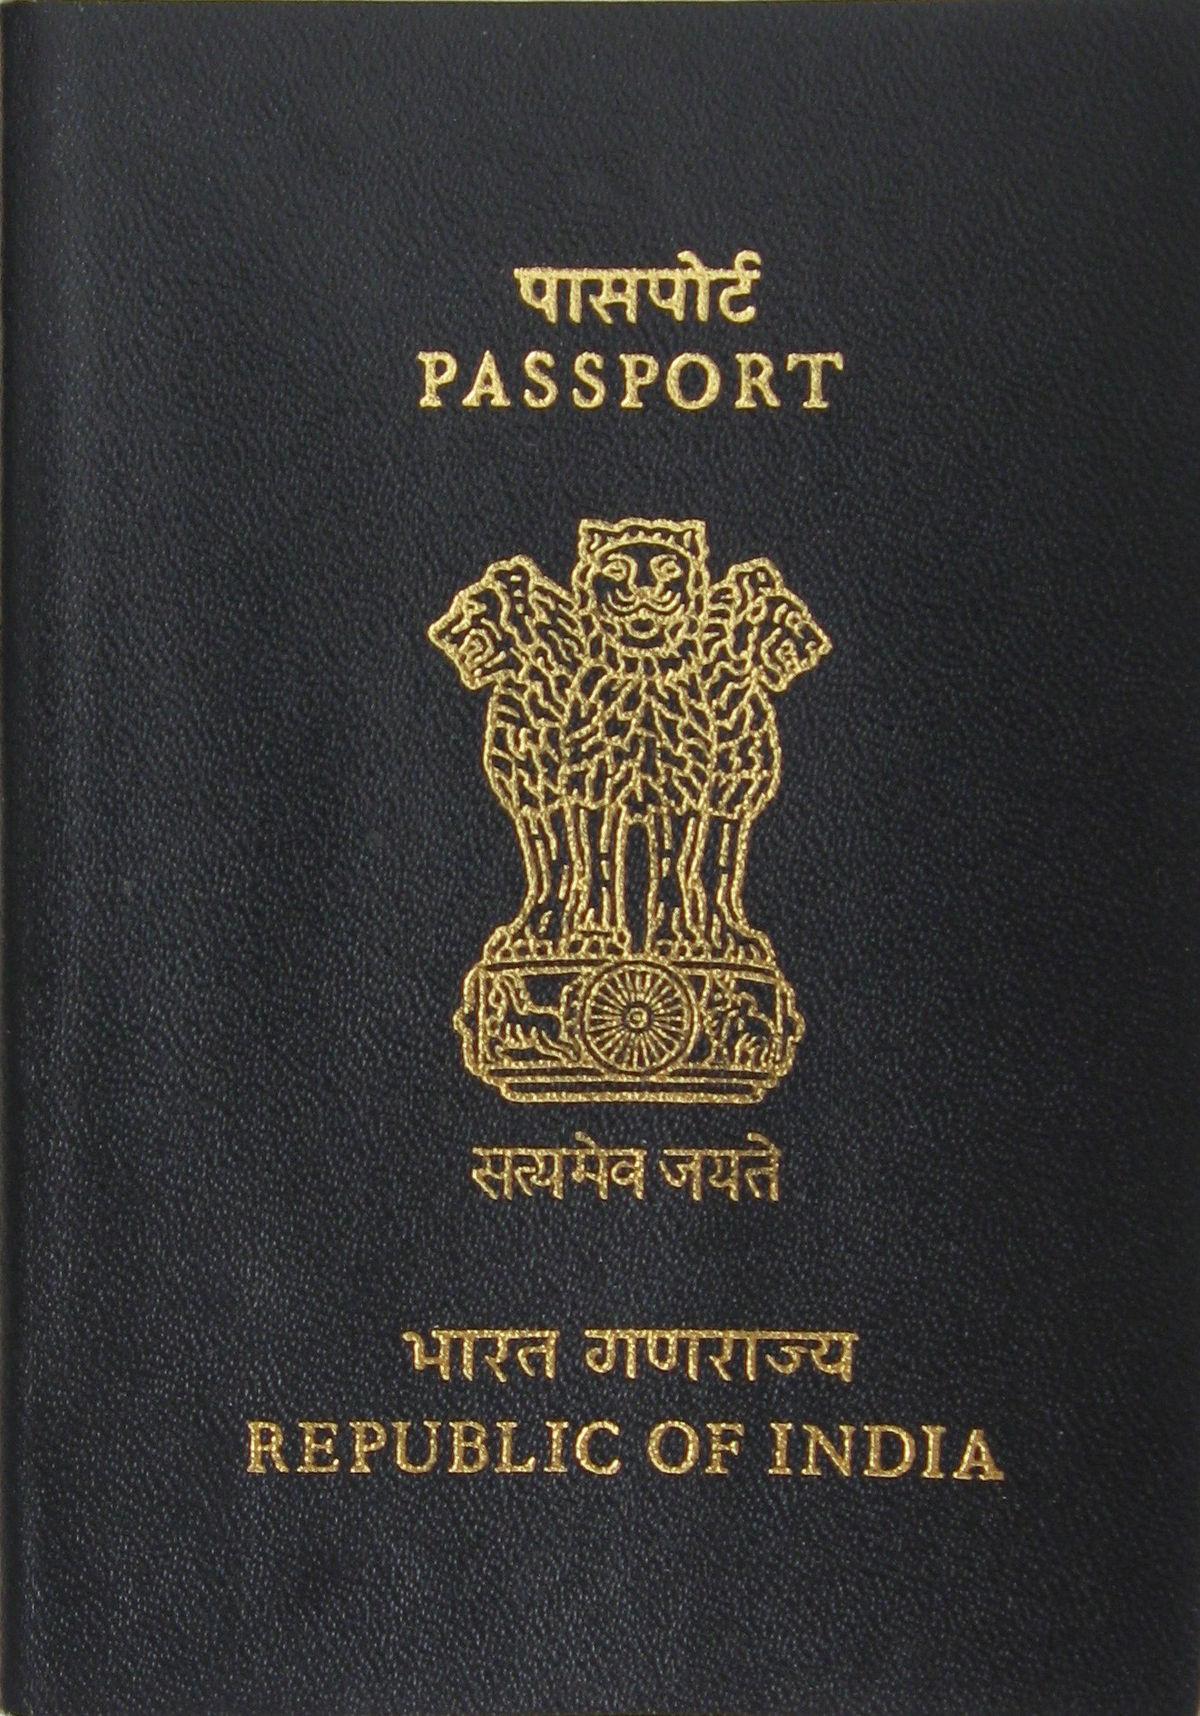 بالصور صور جواز سفر , صور مجموعة جوازات السفر جميع الدول 2954 6